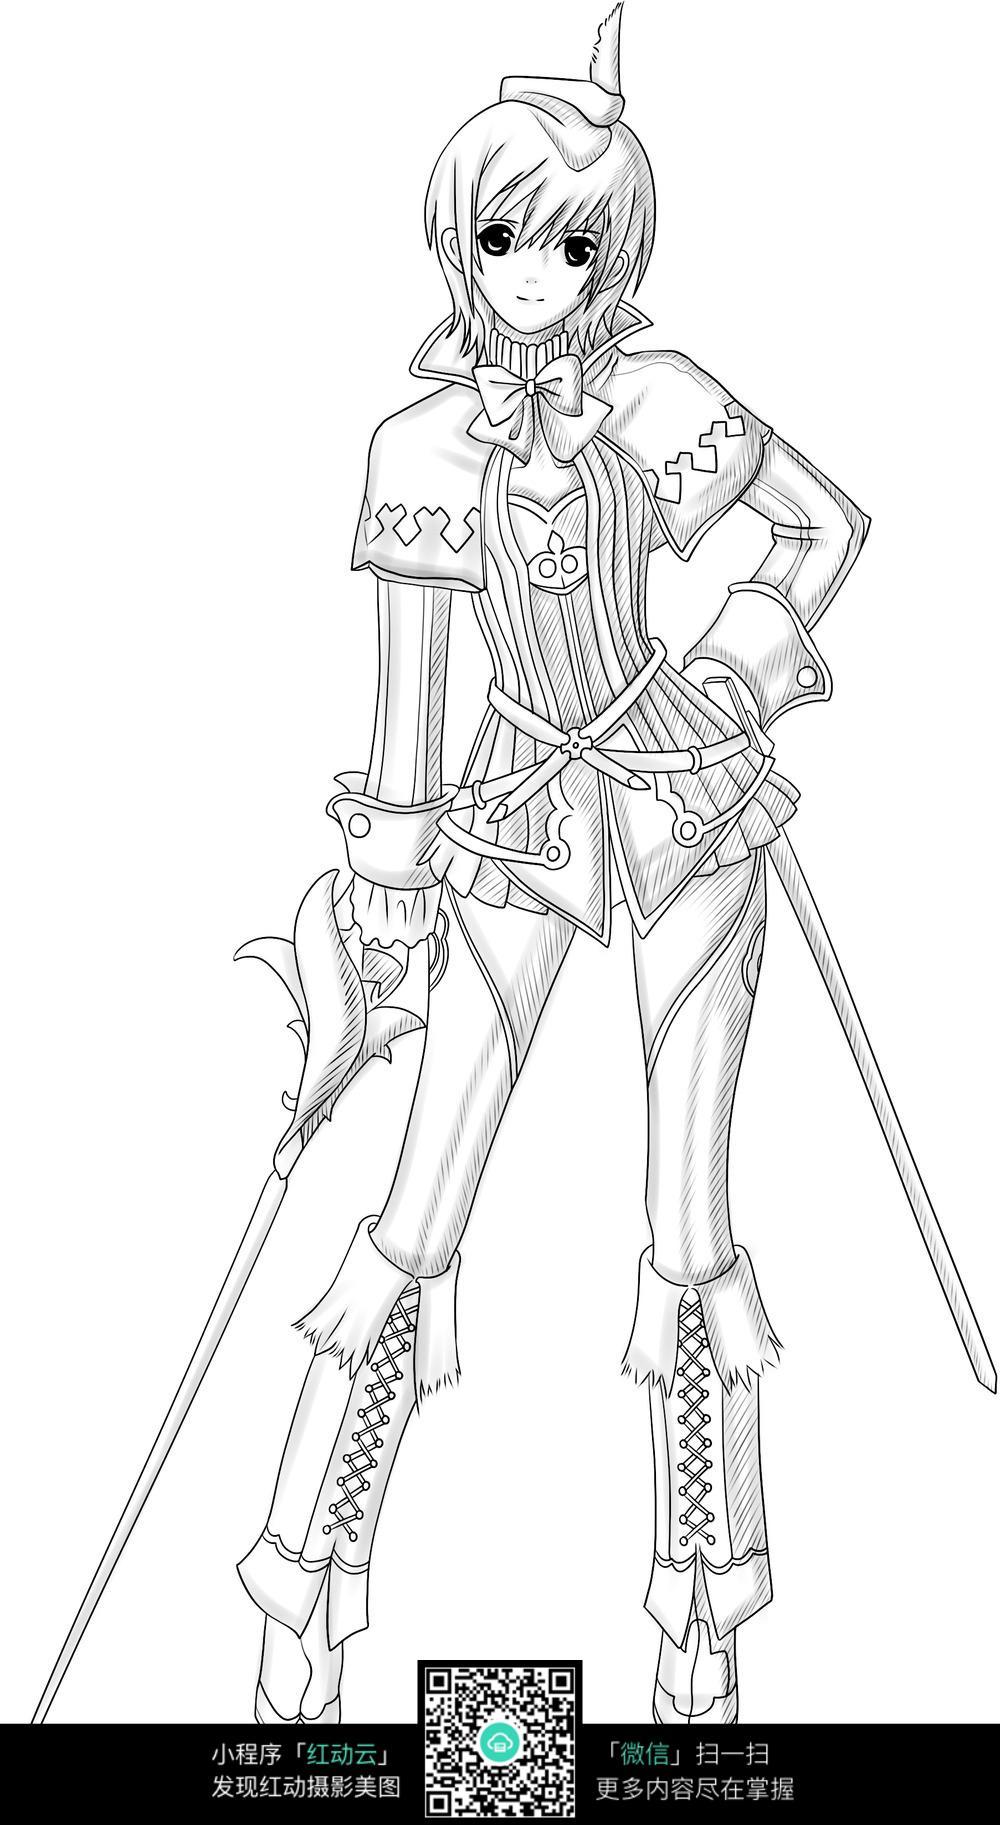 免费素材 图片素材 漫画插画 人物卡通 佩剑女骑士